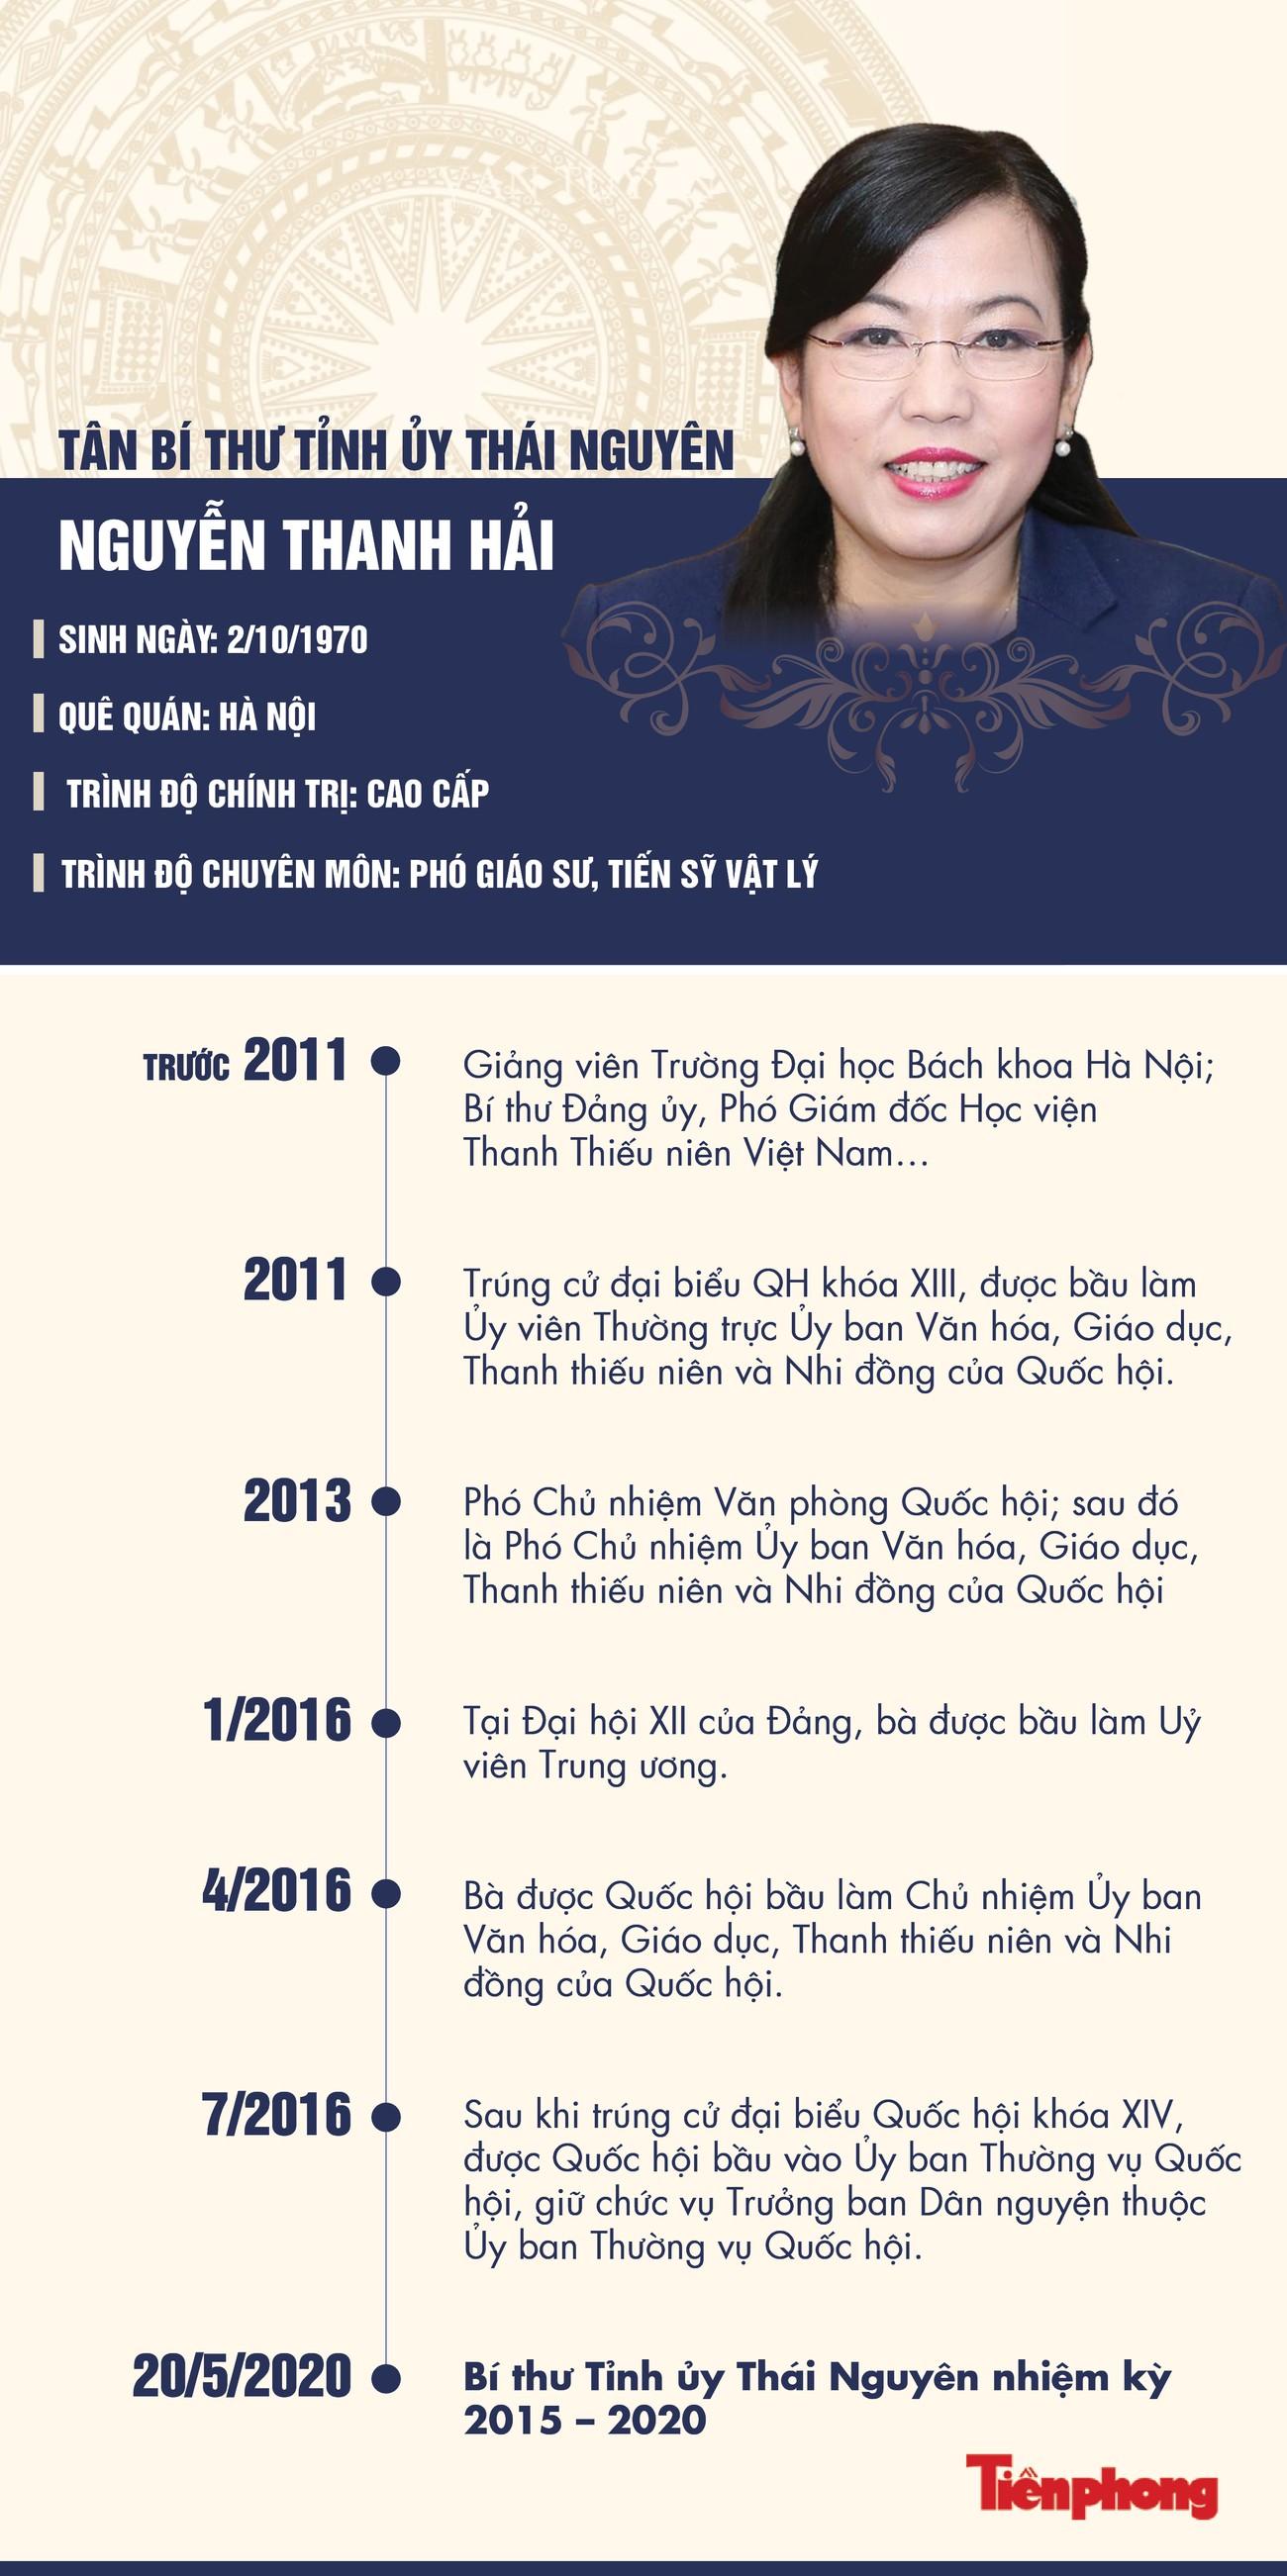 Chân dung tân Bí thư Tỉnh uỷ Thái Nguyên Nguyễn Thanh Hải ảnh 1